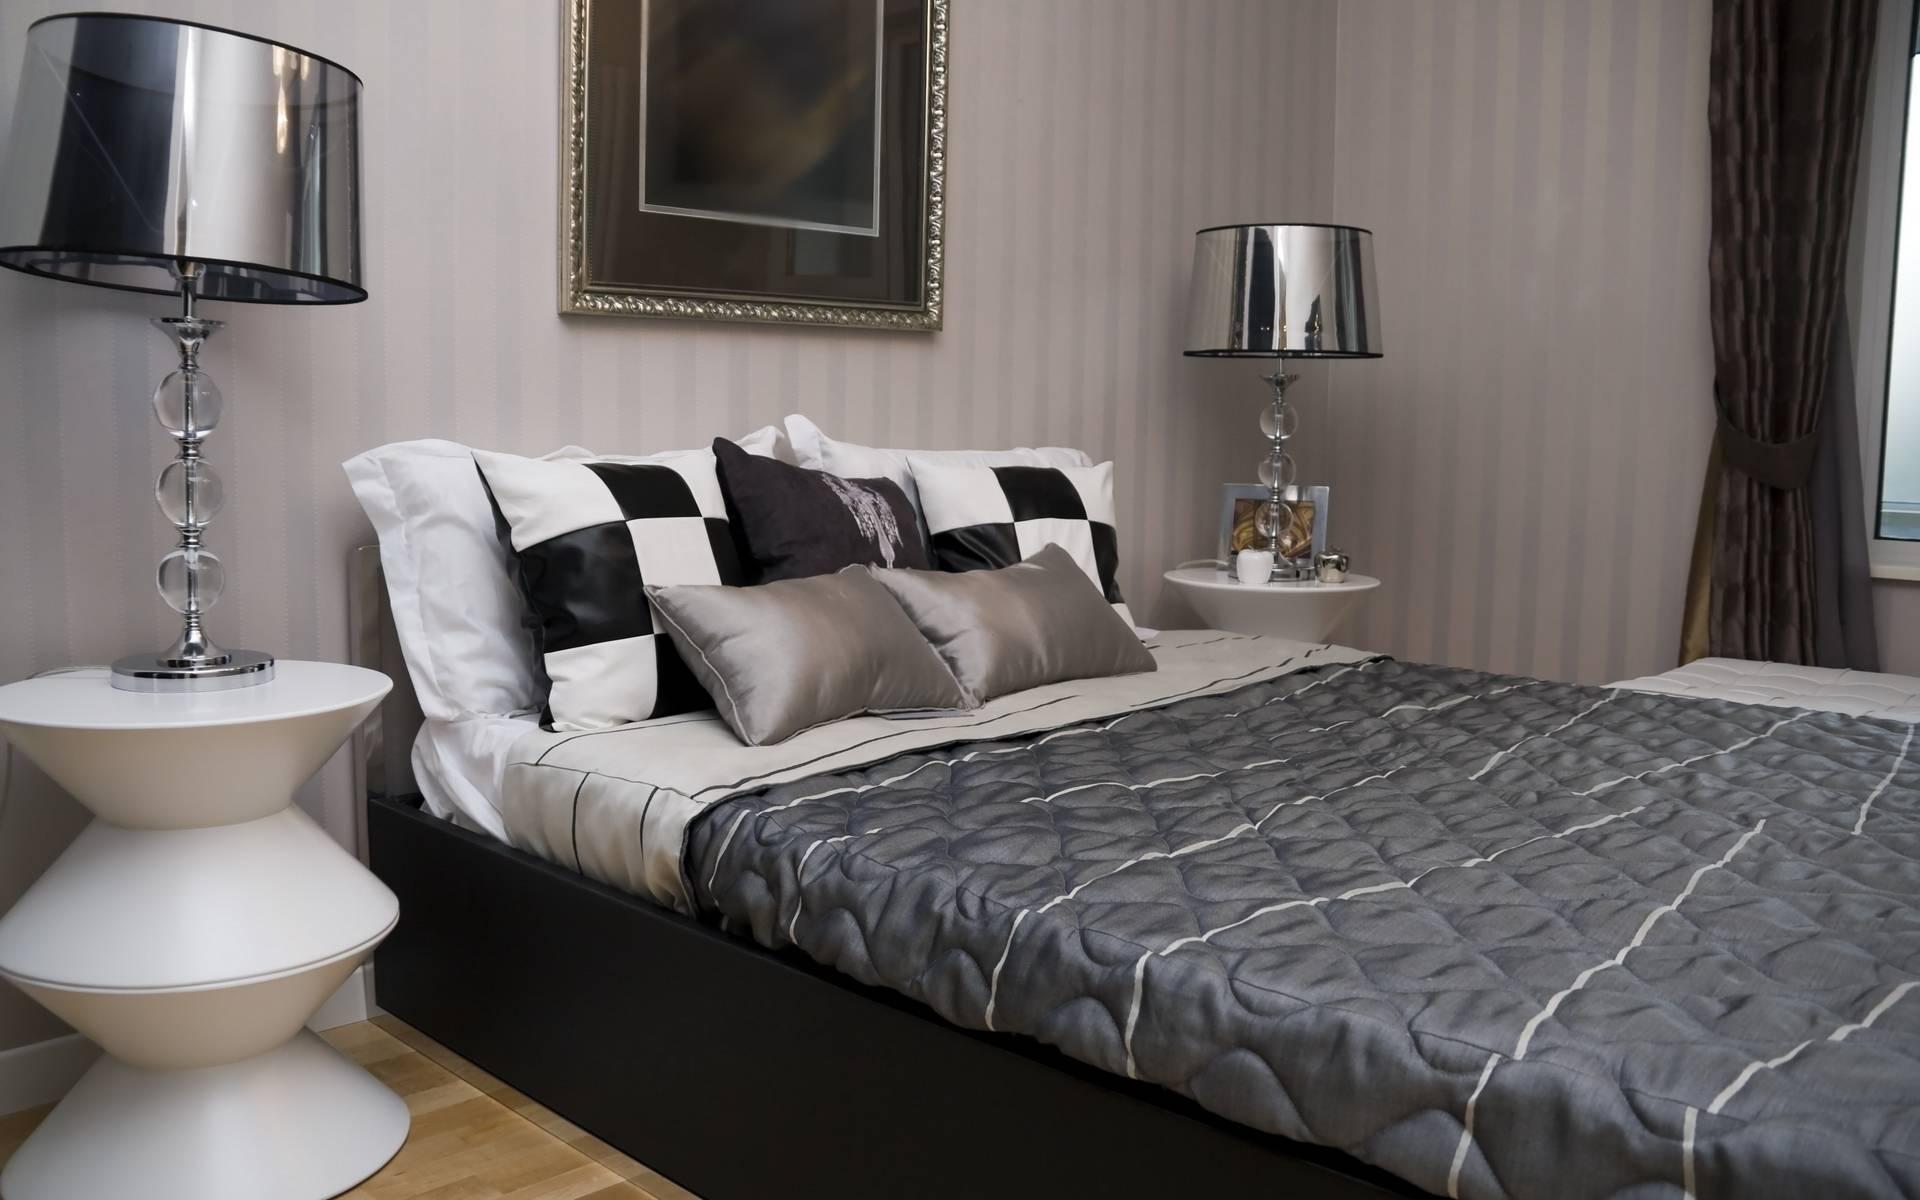 Реечная кровать в стиле неоклассики